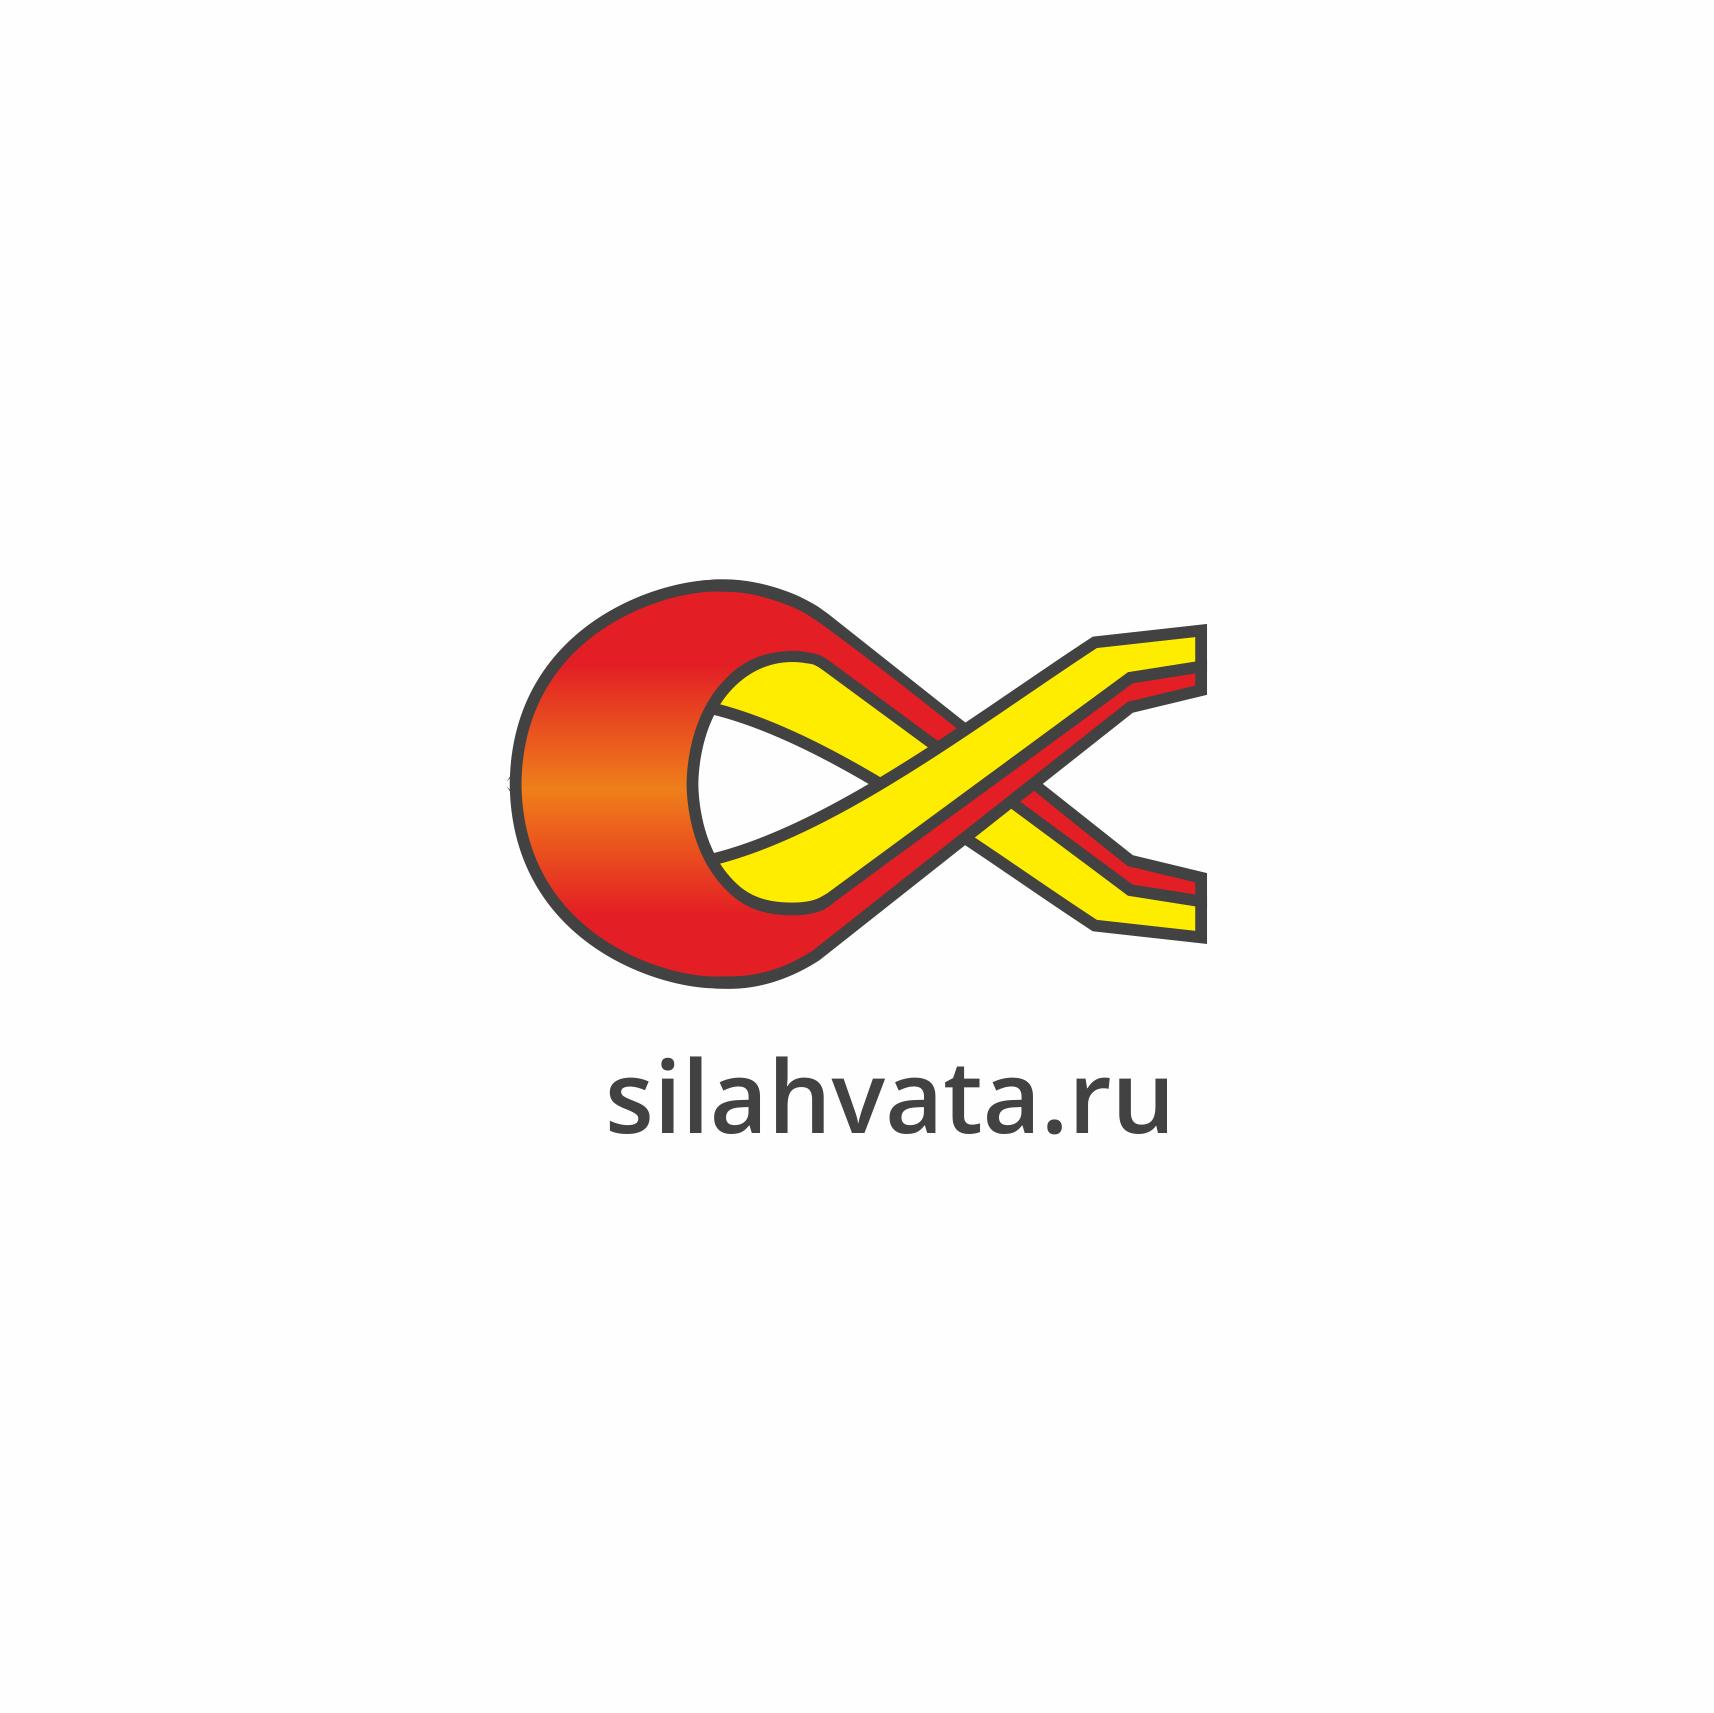 """Разработка логотипа и фирм. стиля для ИМ """"Сила хвата"""" фото f_559511fc714260b1.png"""